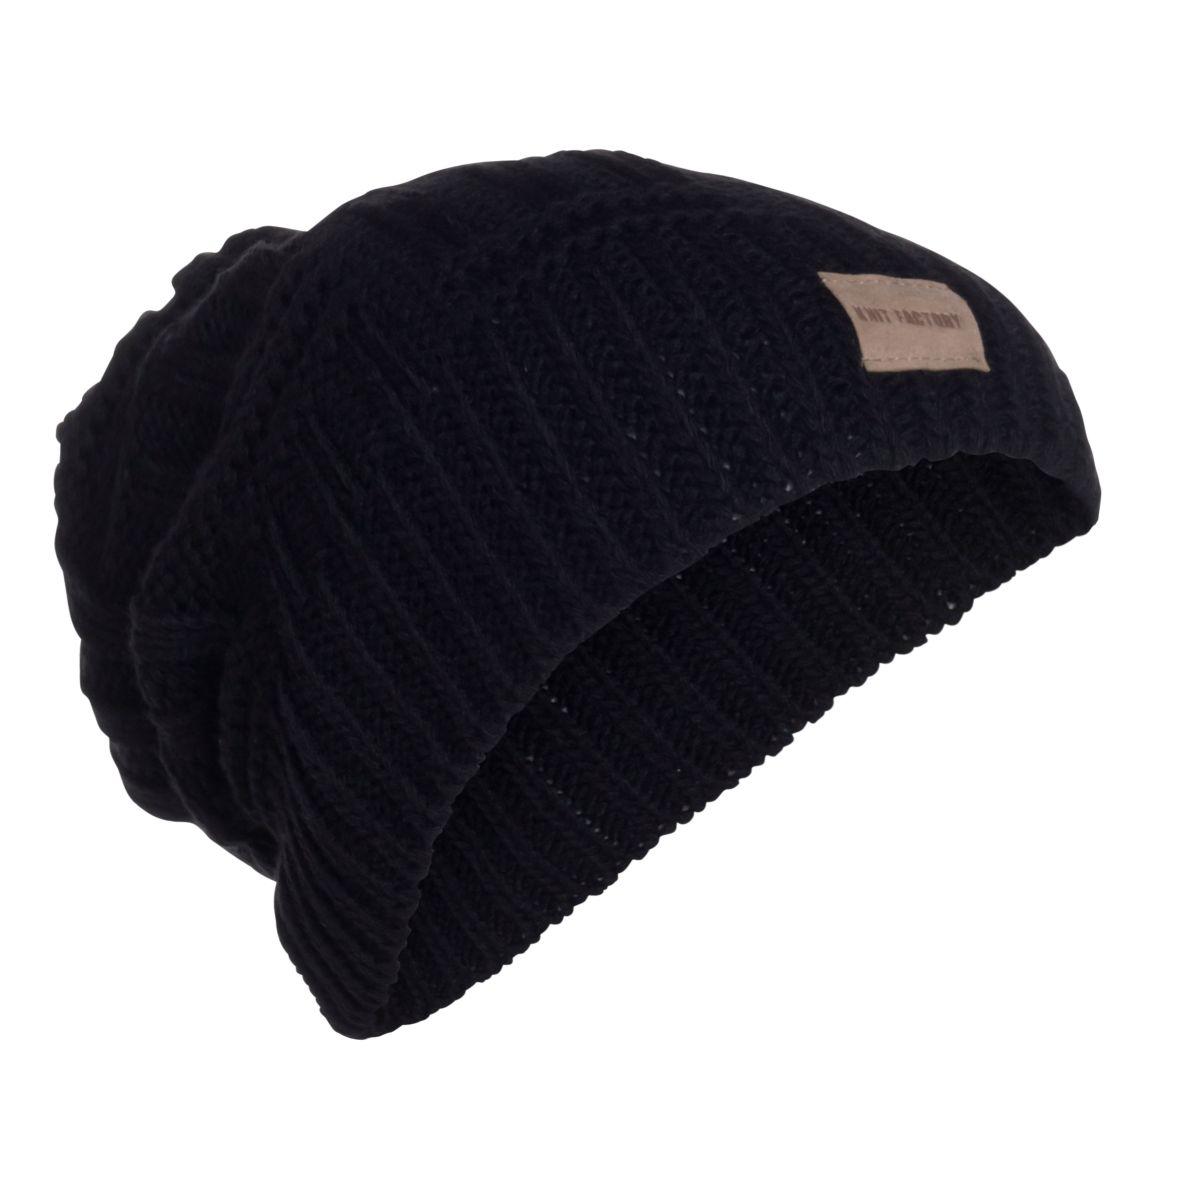 knit factory kf14407000050 bobby muts zwart 1